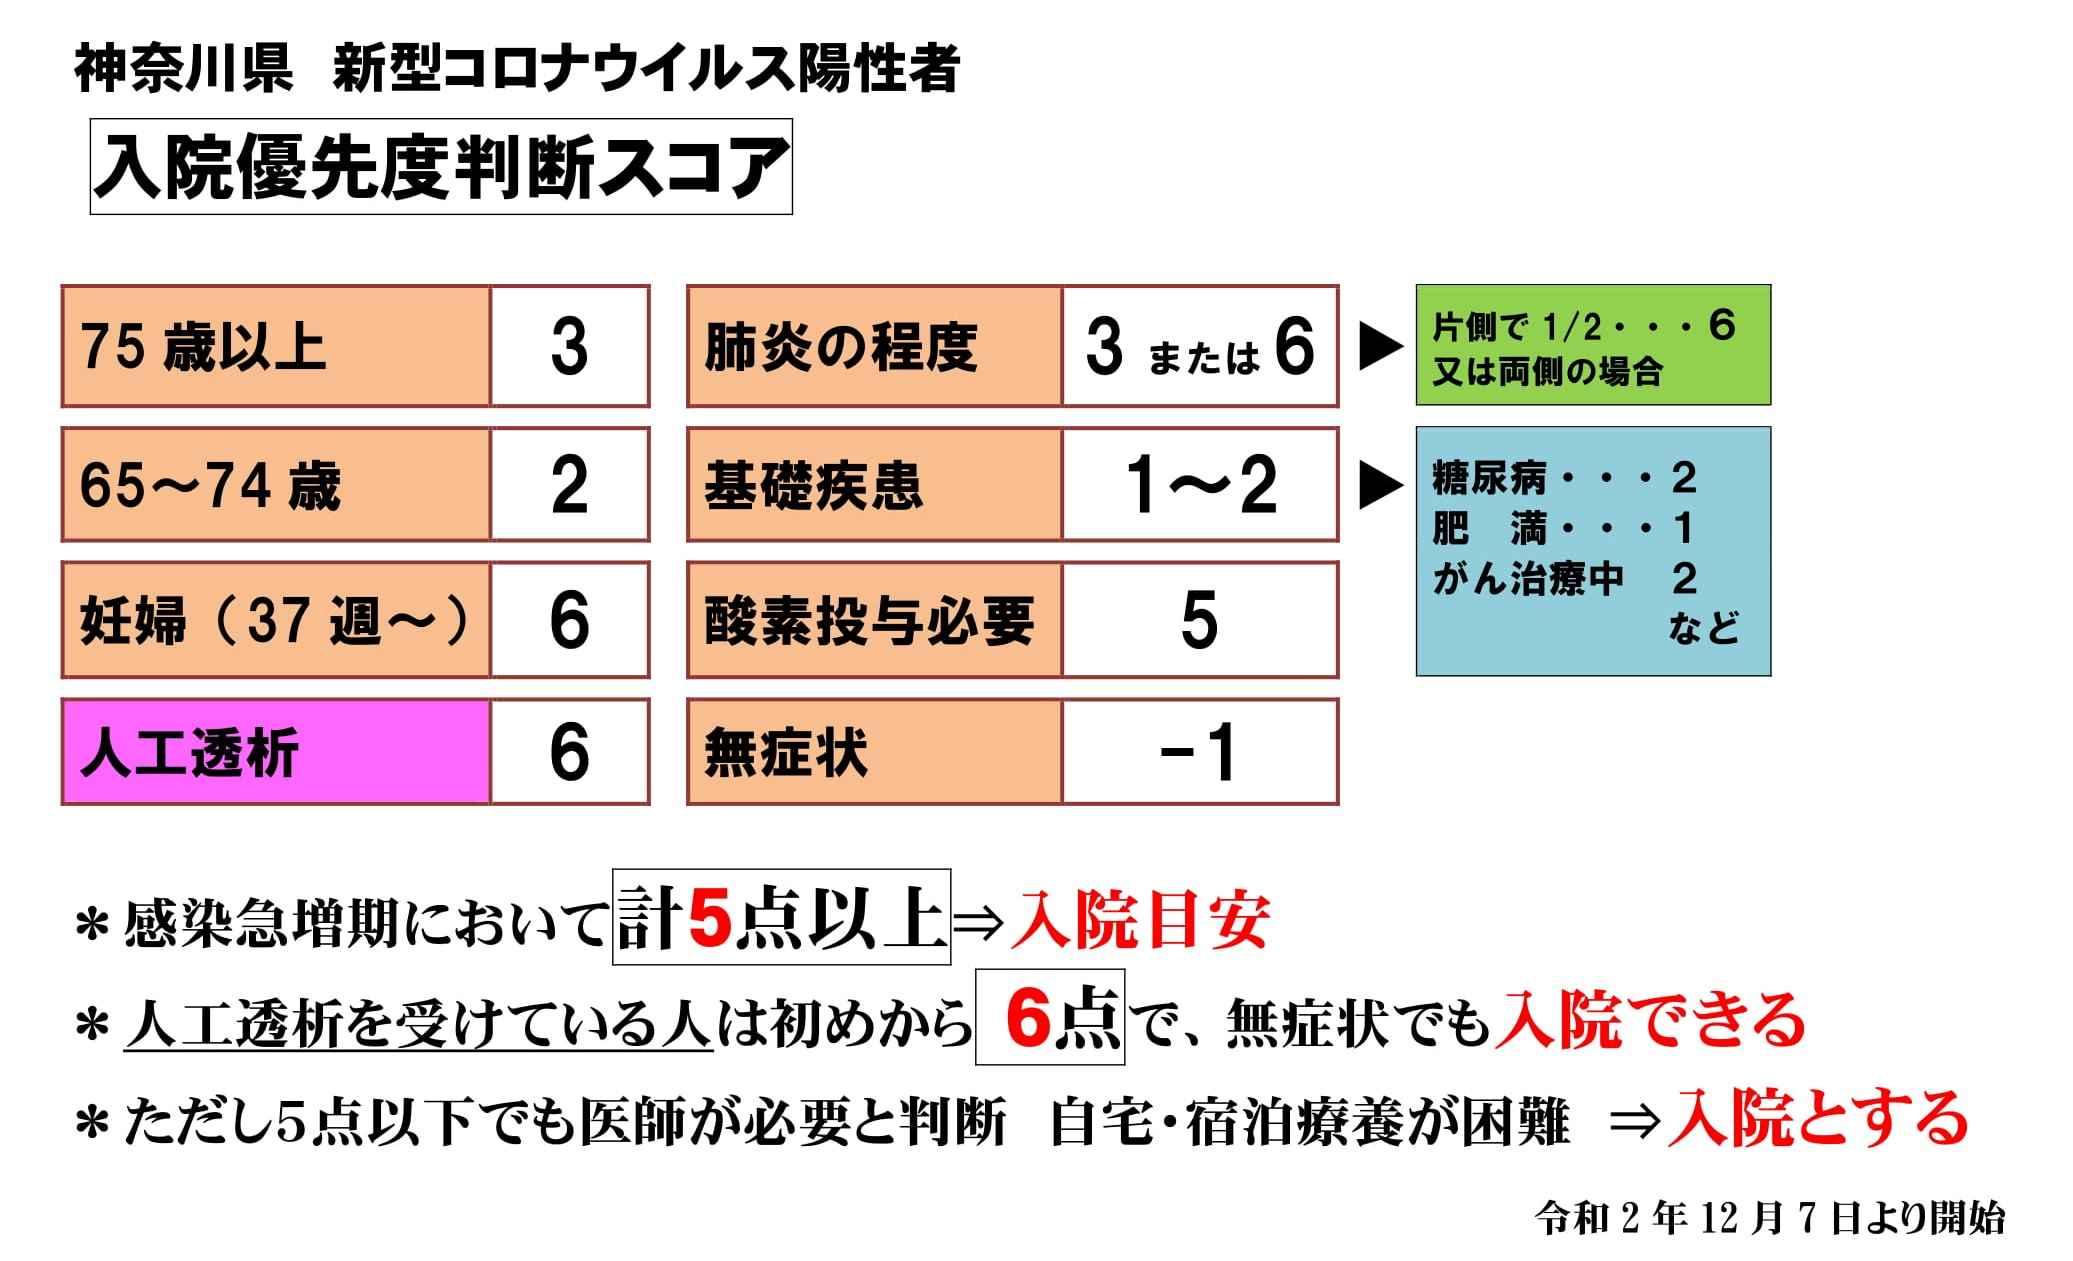 神奈川 県 ウイルス コロナ